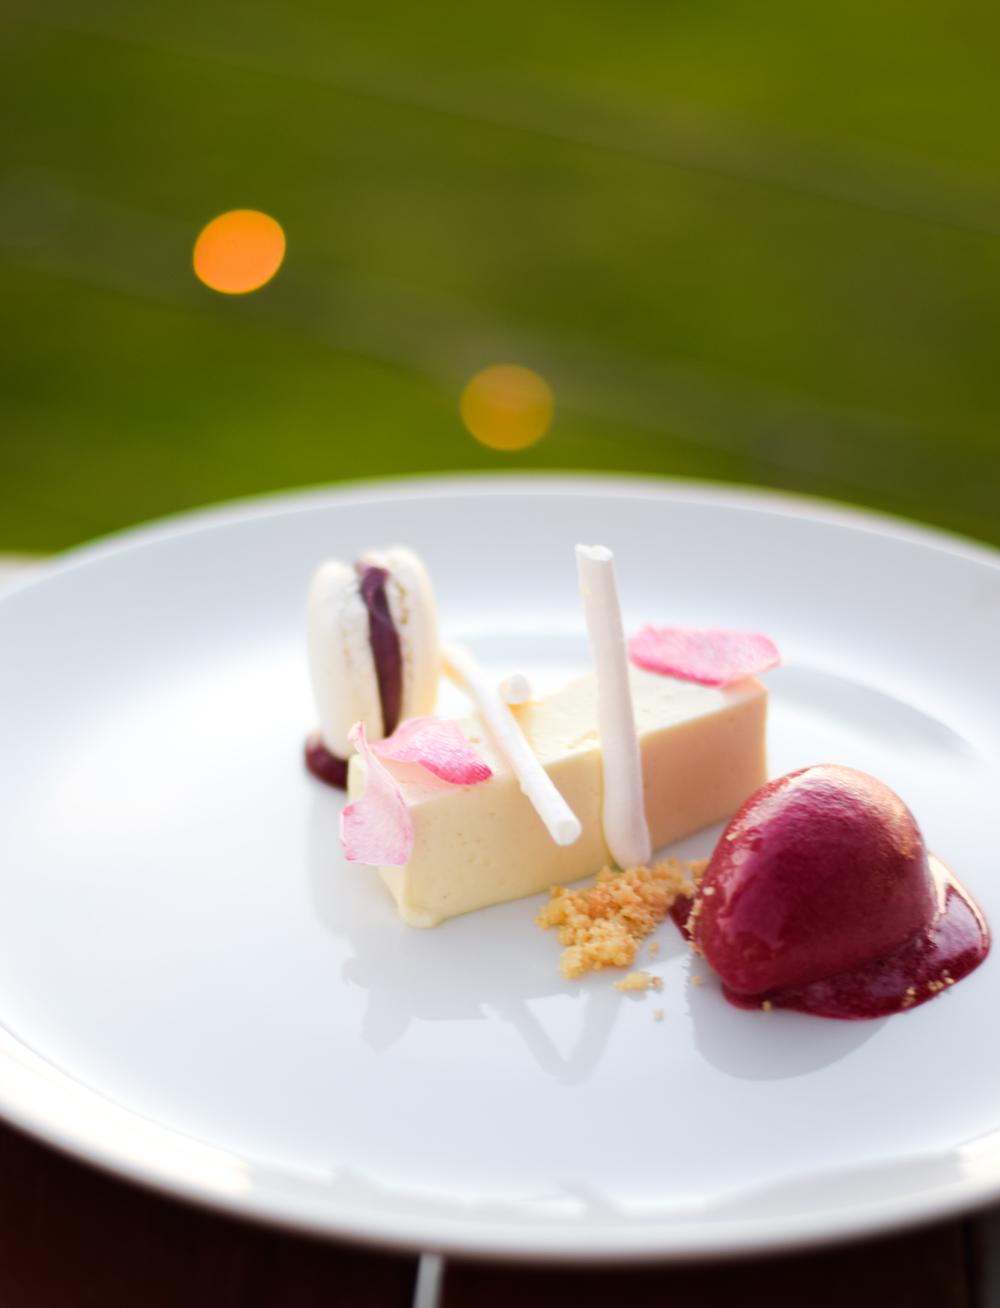 Dessert at Sault restaurant, Daylesford